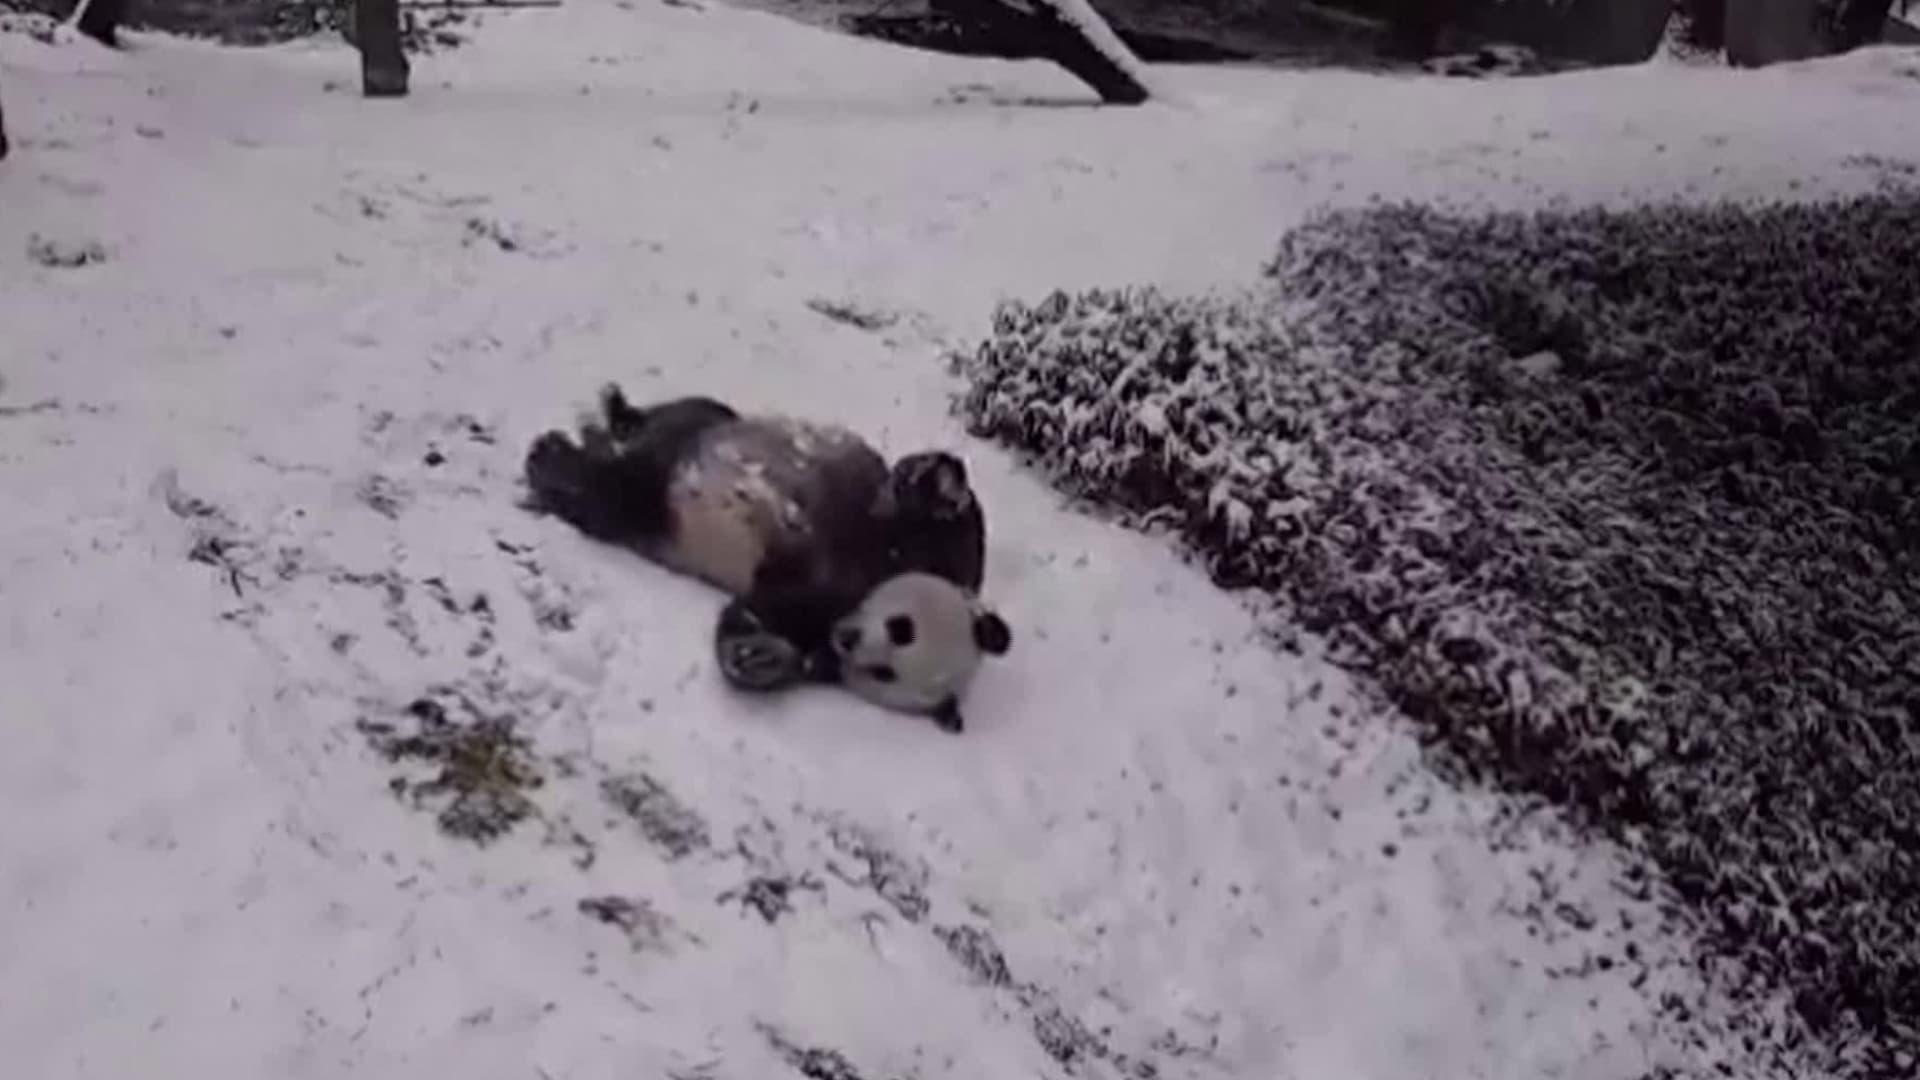 فيديو طريف لدُب الباندا يمرح على الثلوج المتساقطة بحديقة الحيوانات الوطنية في واشنطن